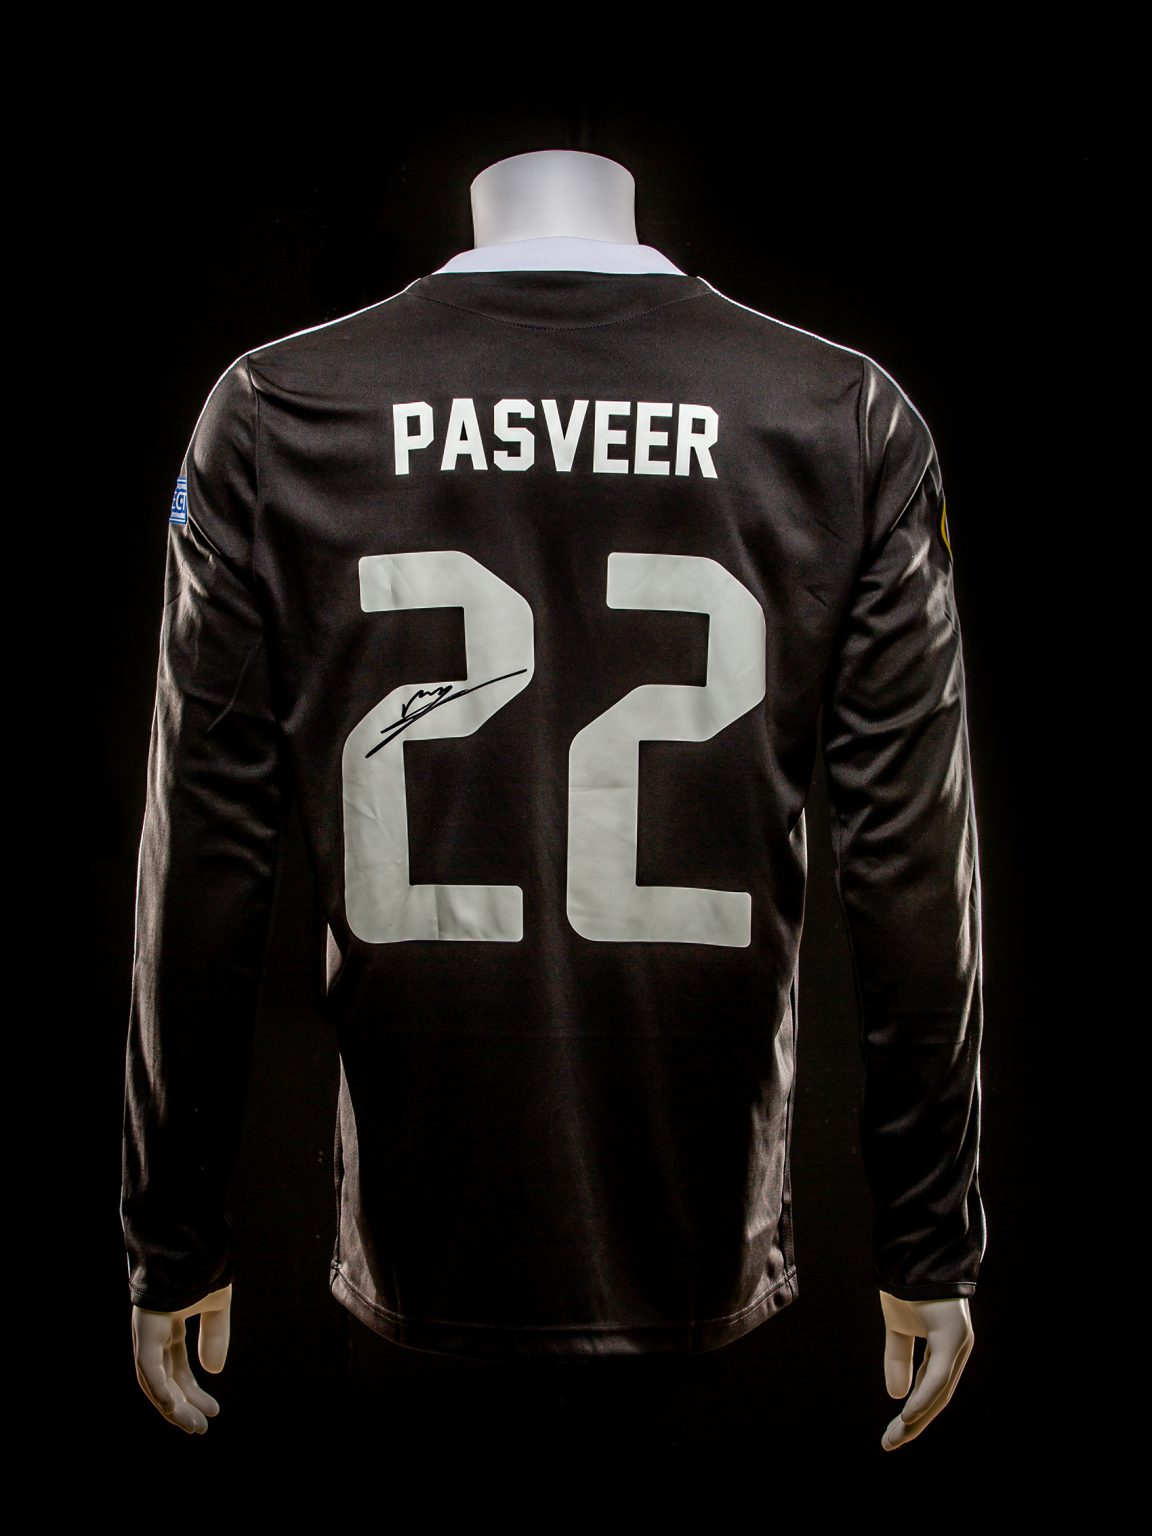 #22 Remco Pasveer